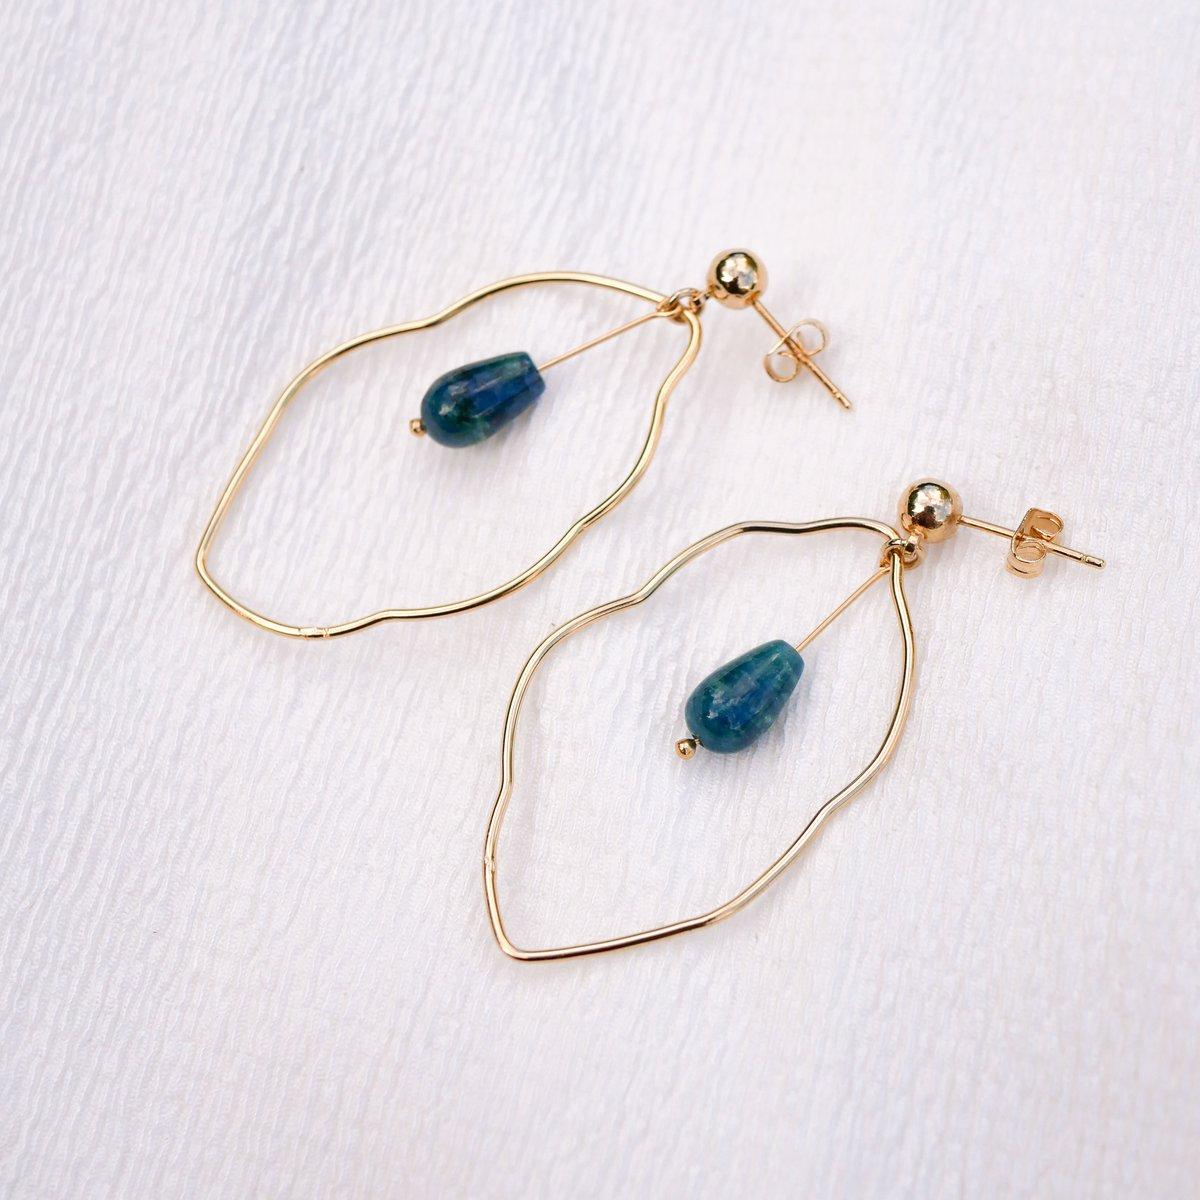 Image of Boucles d'Oreilles HARLOW BLUE